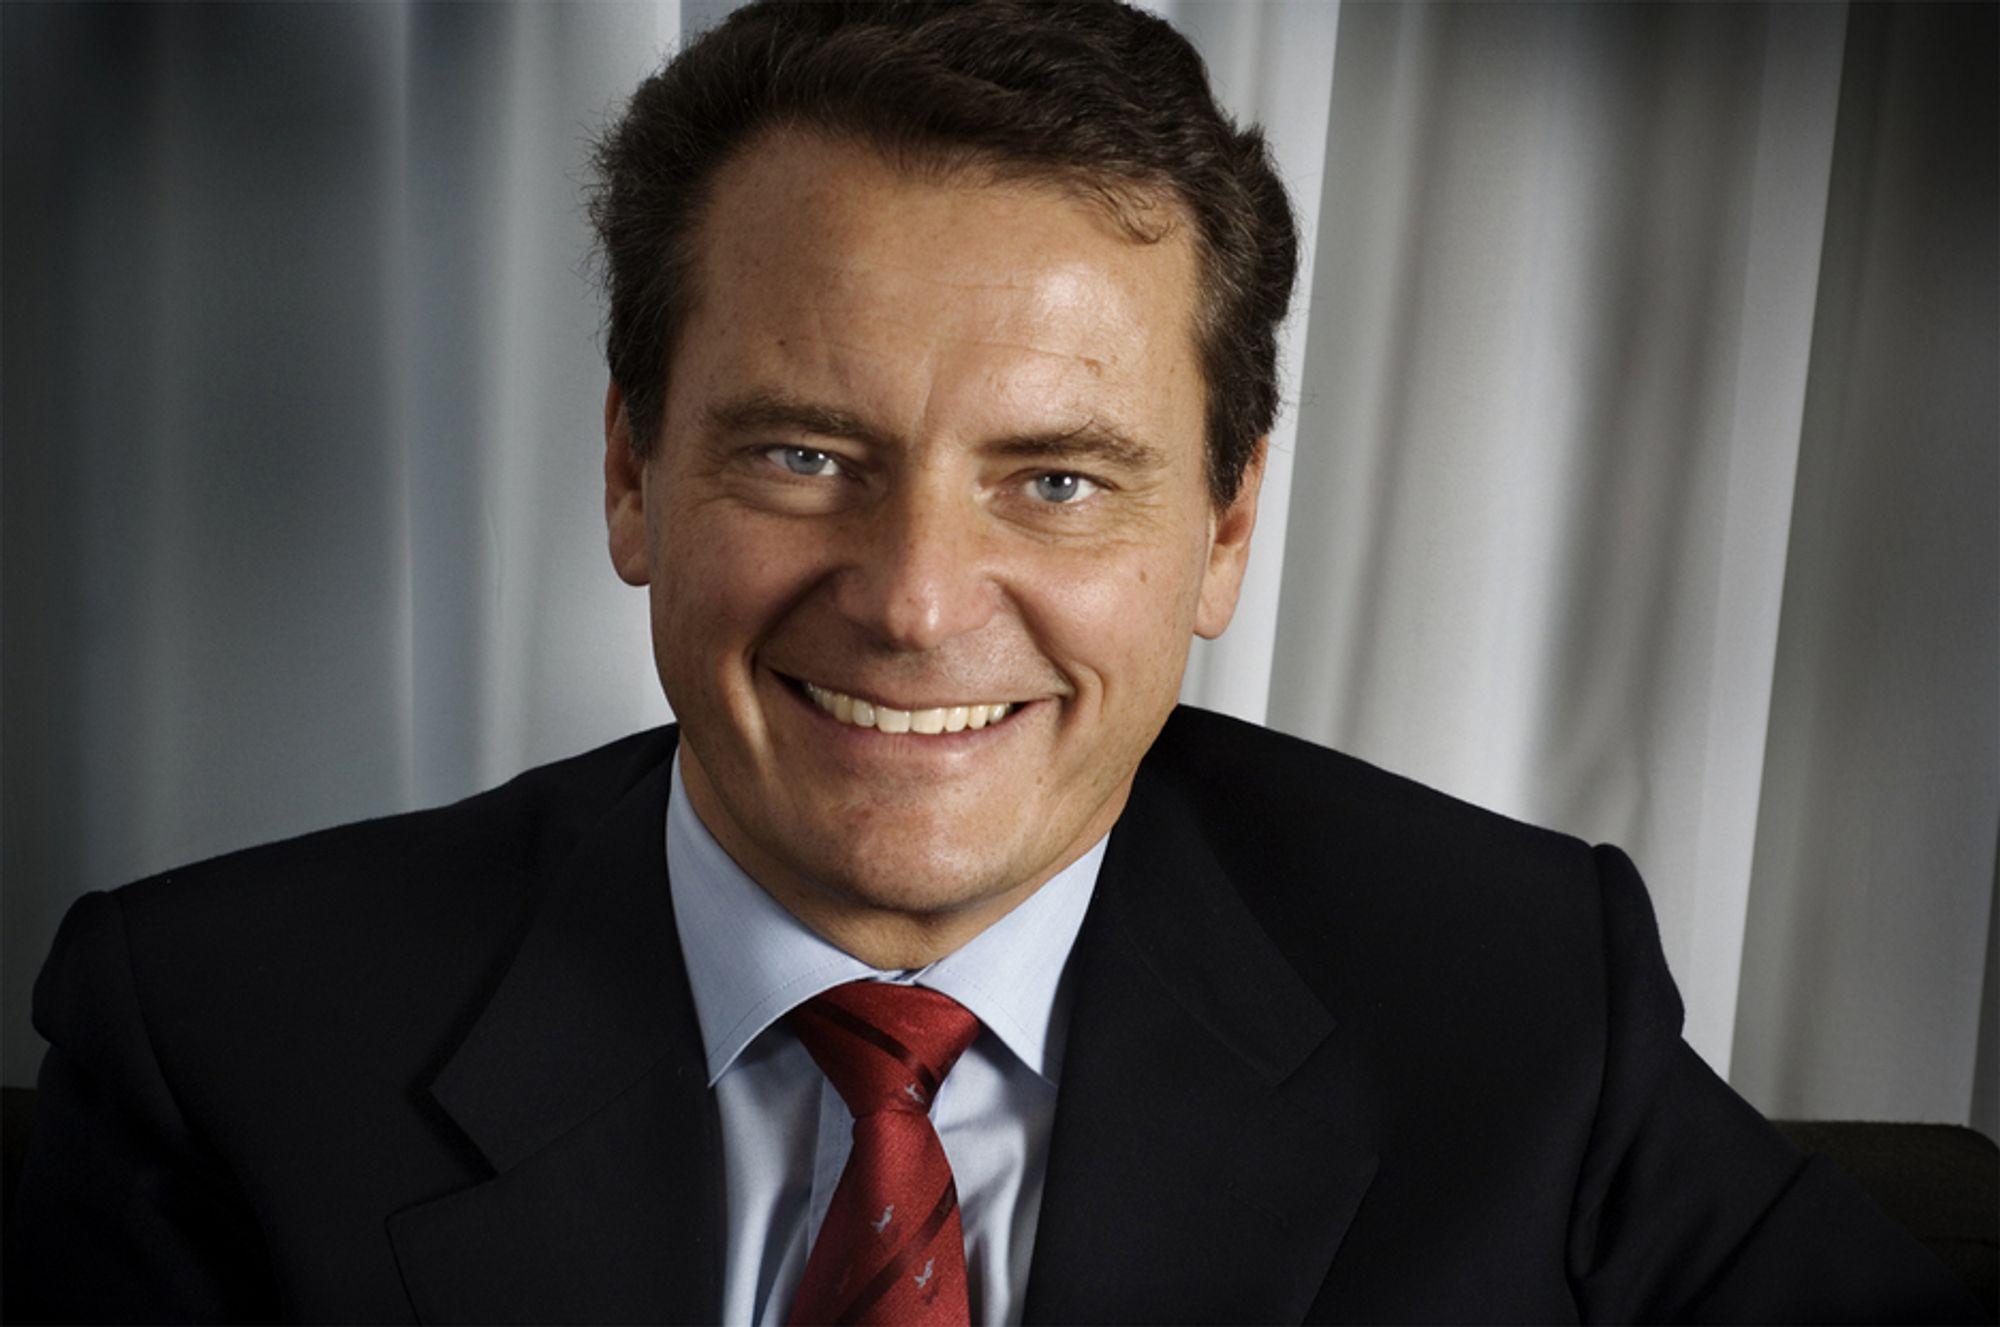 Administrerende direktør i Ericsson, Carl-Henric Svanberg, holdt en pressekonferanse i Ericssons hovedkvarter i dag, etter det ble offentliggjort at de kaster seg inn i kampen om Tandberg Television.